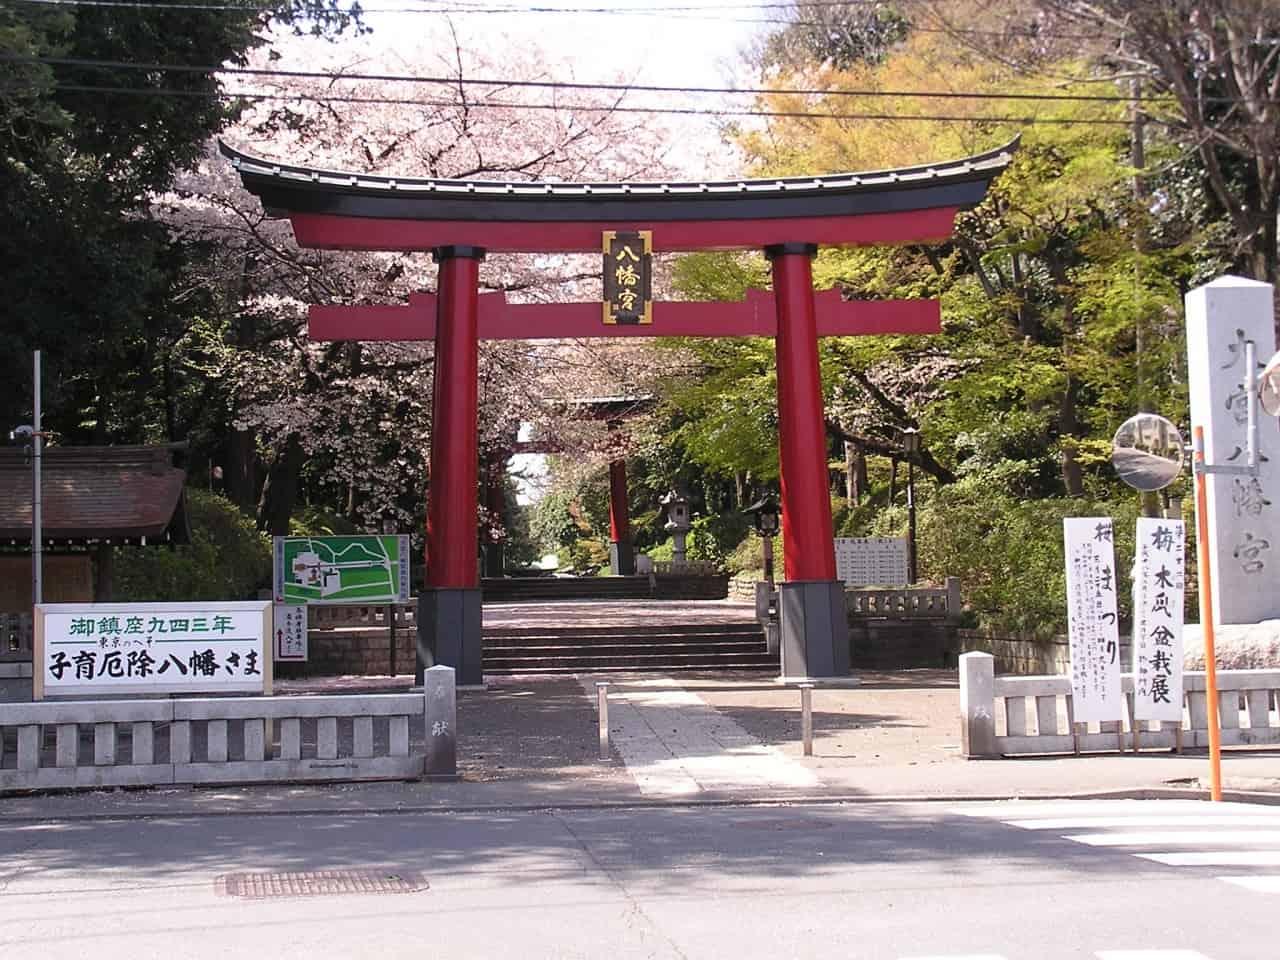 วัด ศาลเจ้าโอมิยะ ฮาจิมังกู (Omiya Hachimangu Shrine) ขอผู้ ขอพรความรัก โตเกียว